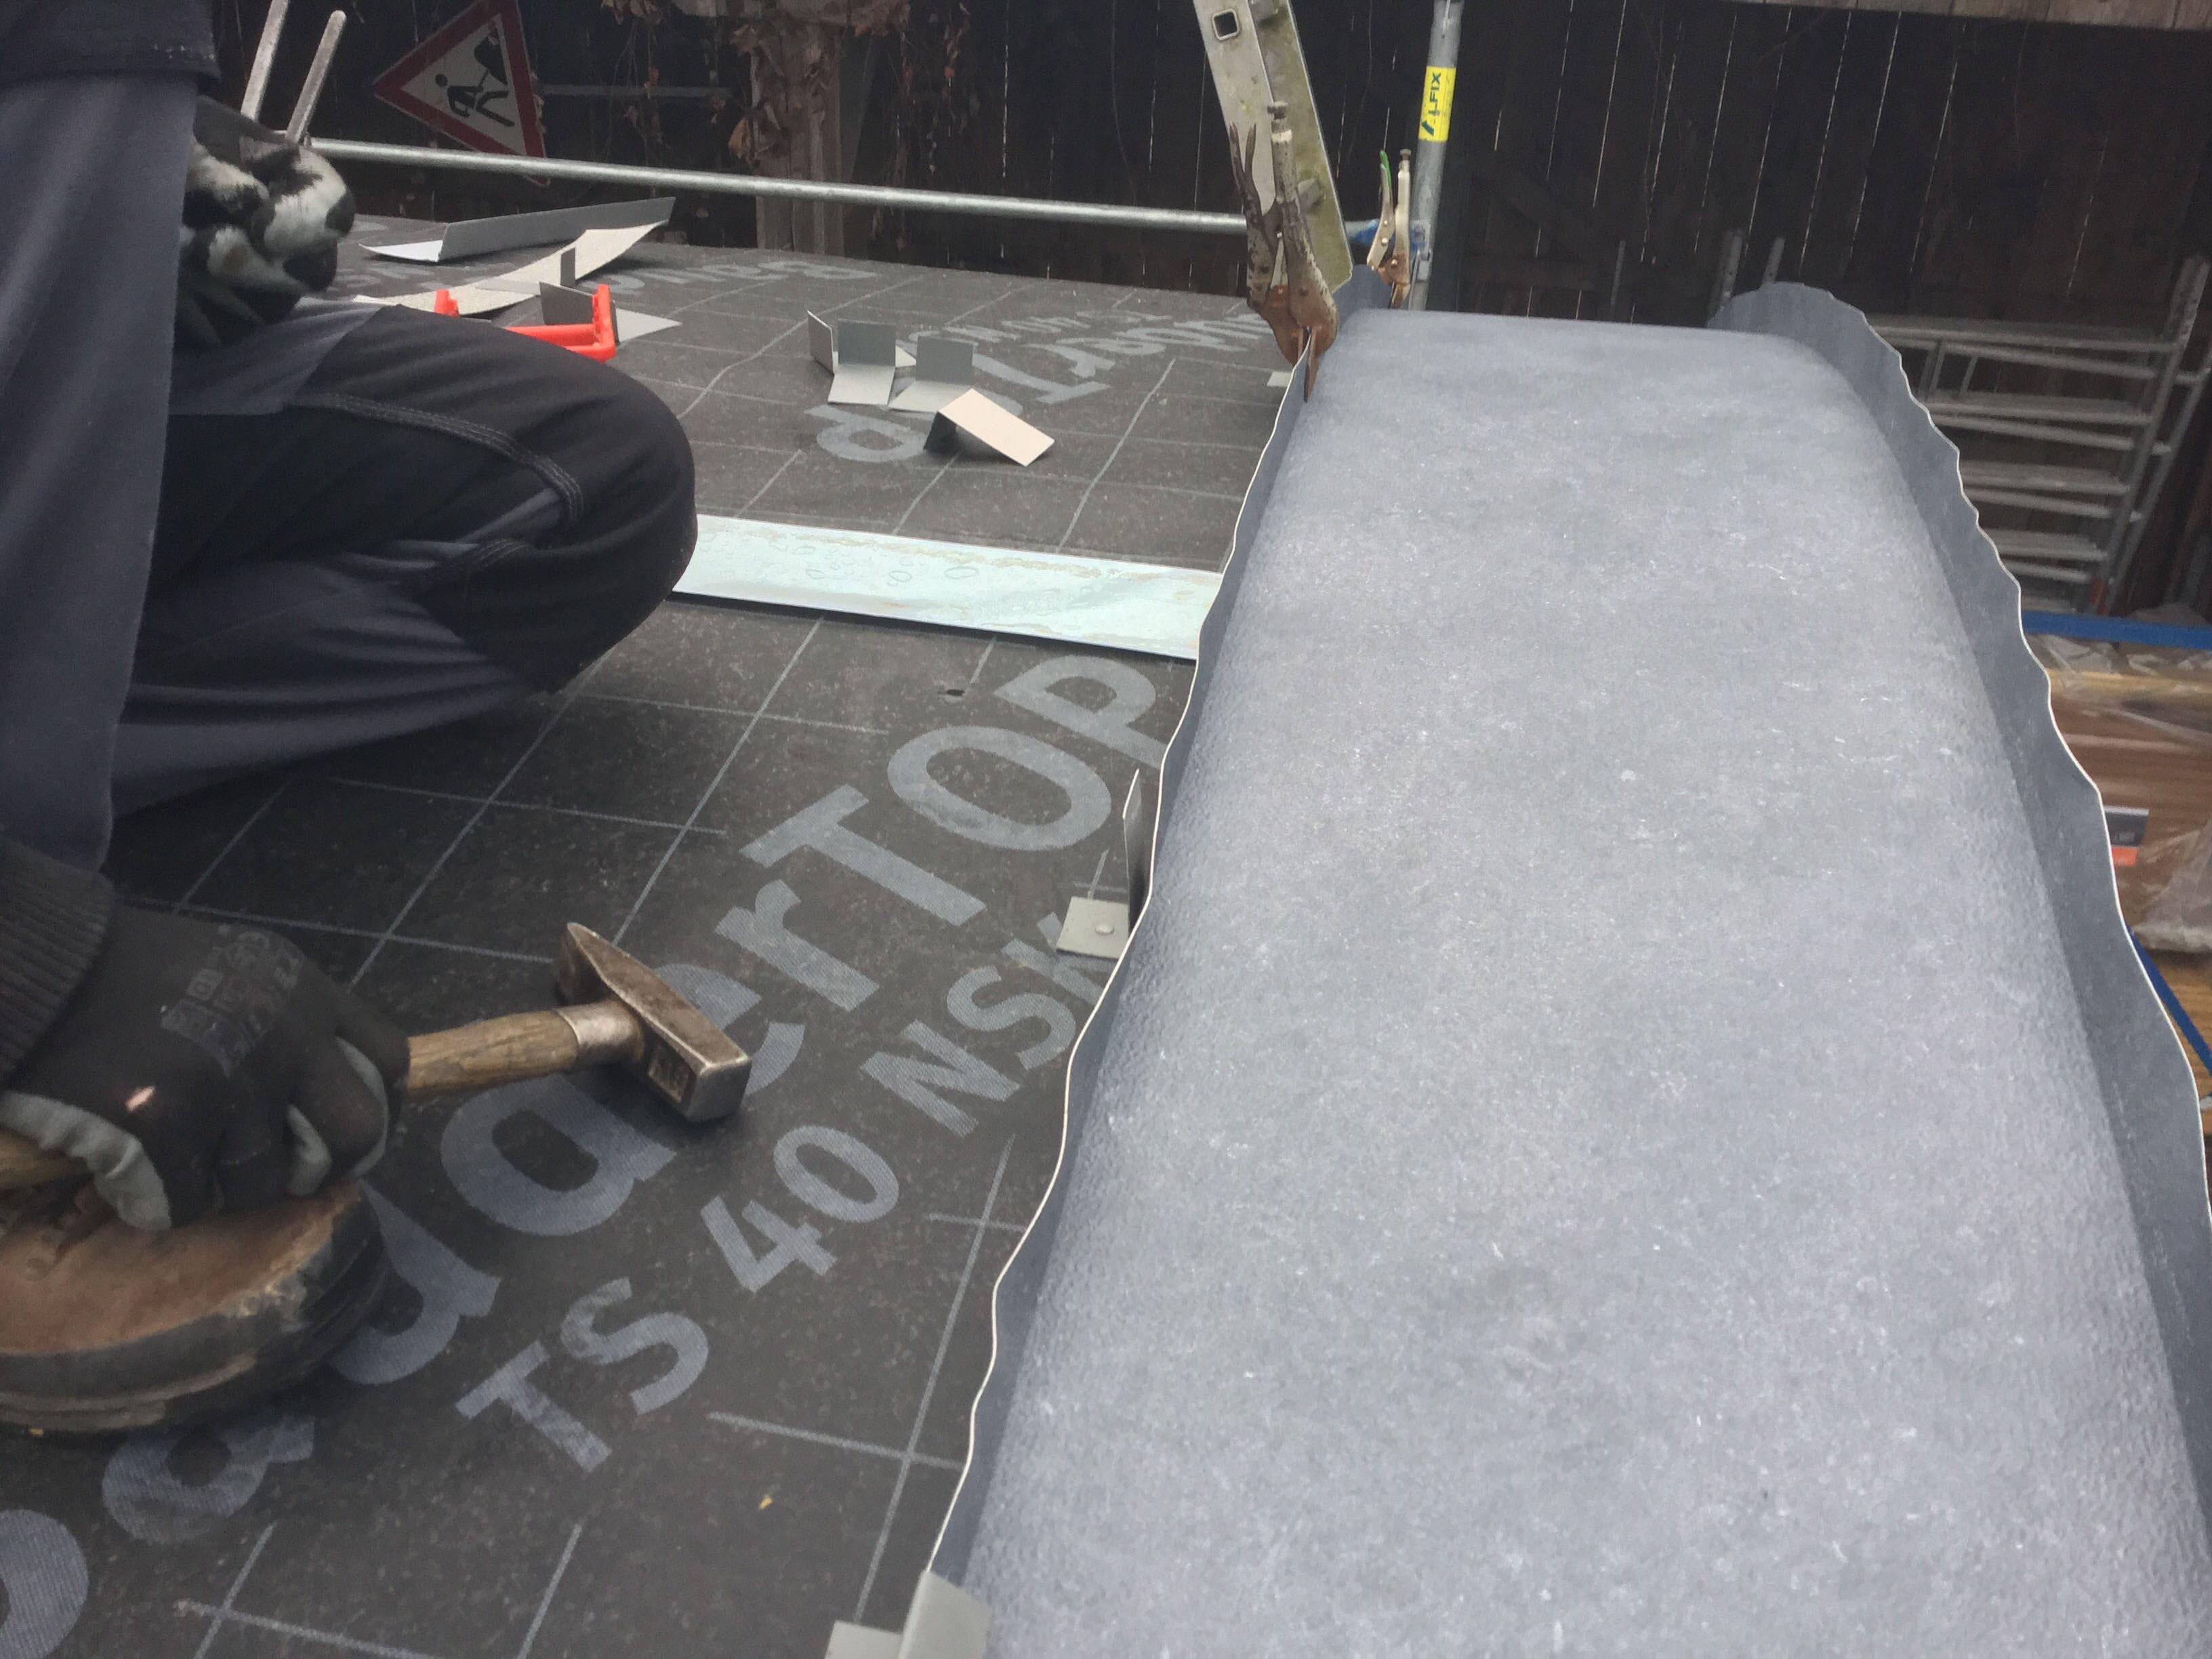 Dach bauwagen zirkuswagen sch ferwagen holzbau pletz - Bauwagen selber bauen ...